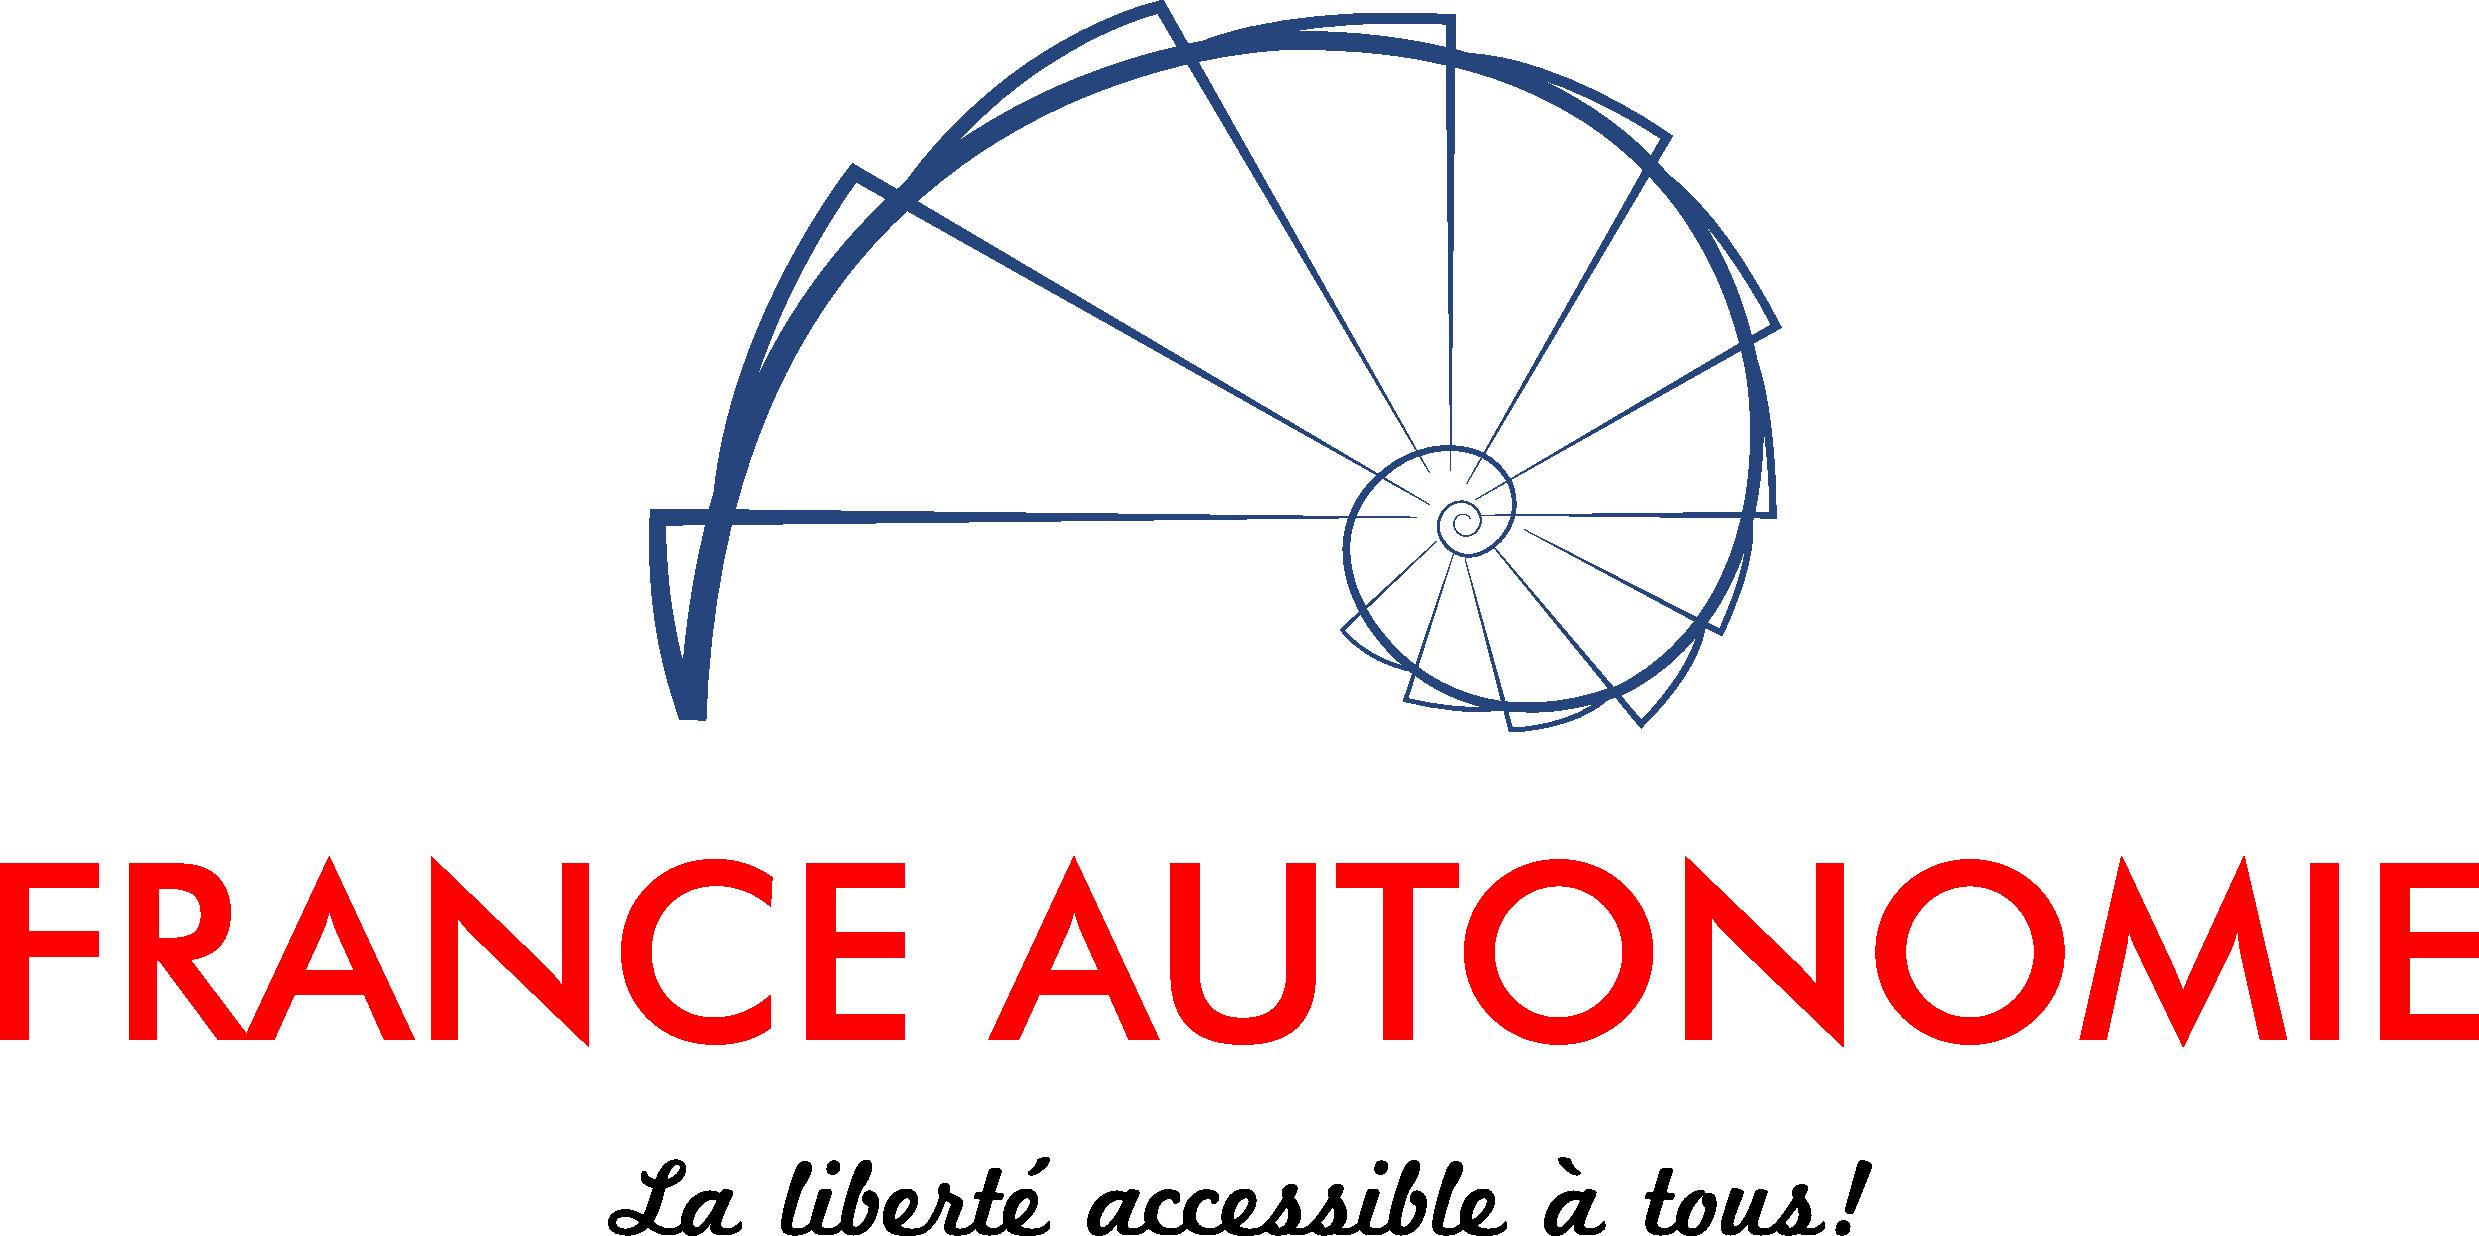 FRANCE-AUTONOMIE